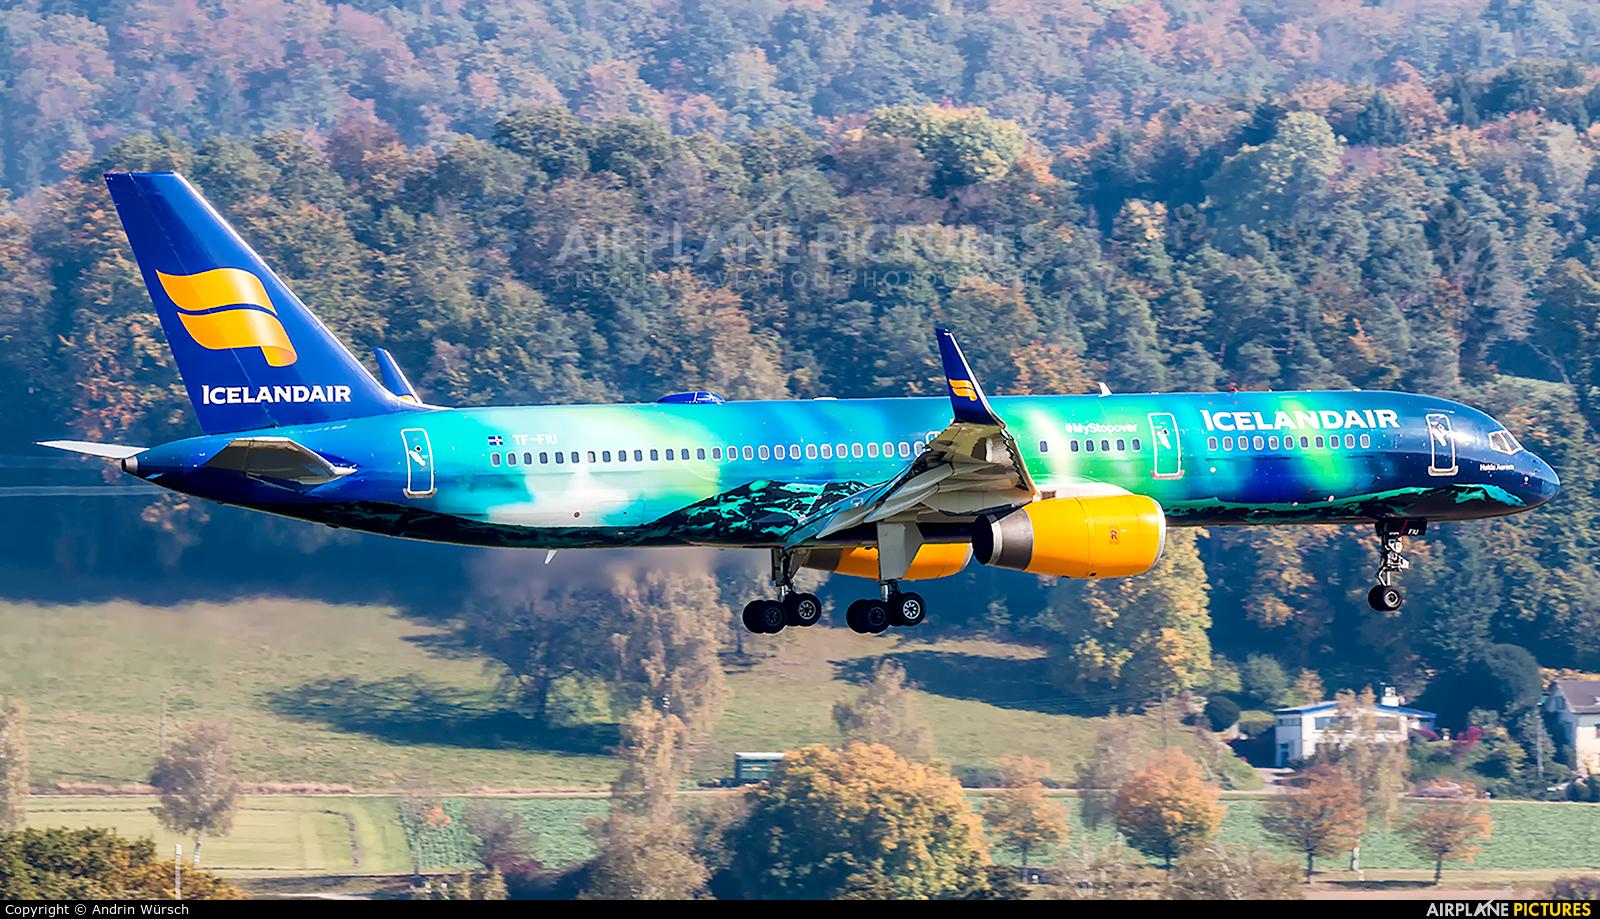 Icelandair TF-FIU aircraft at Zurich